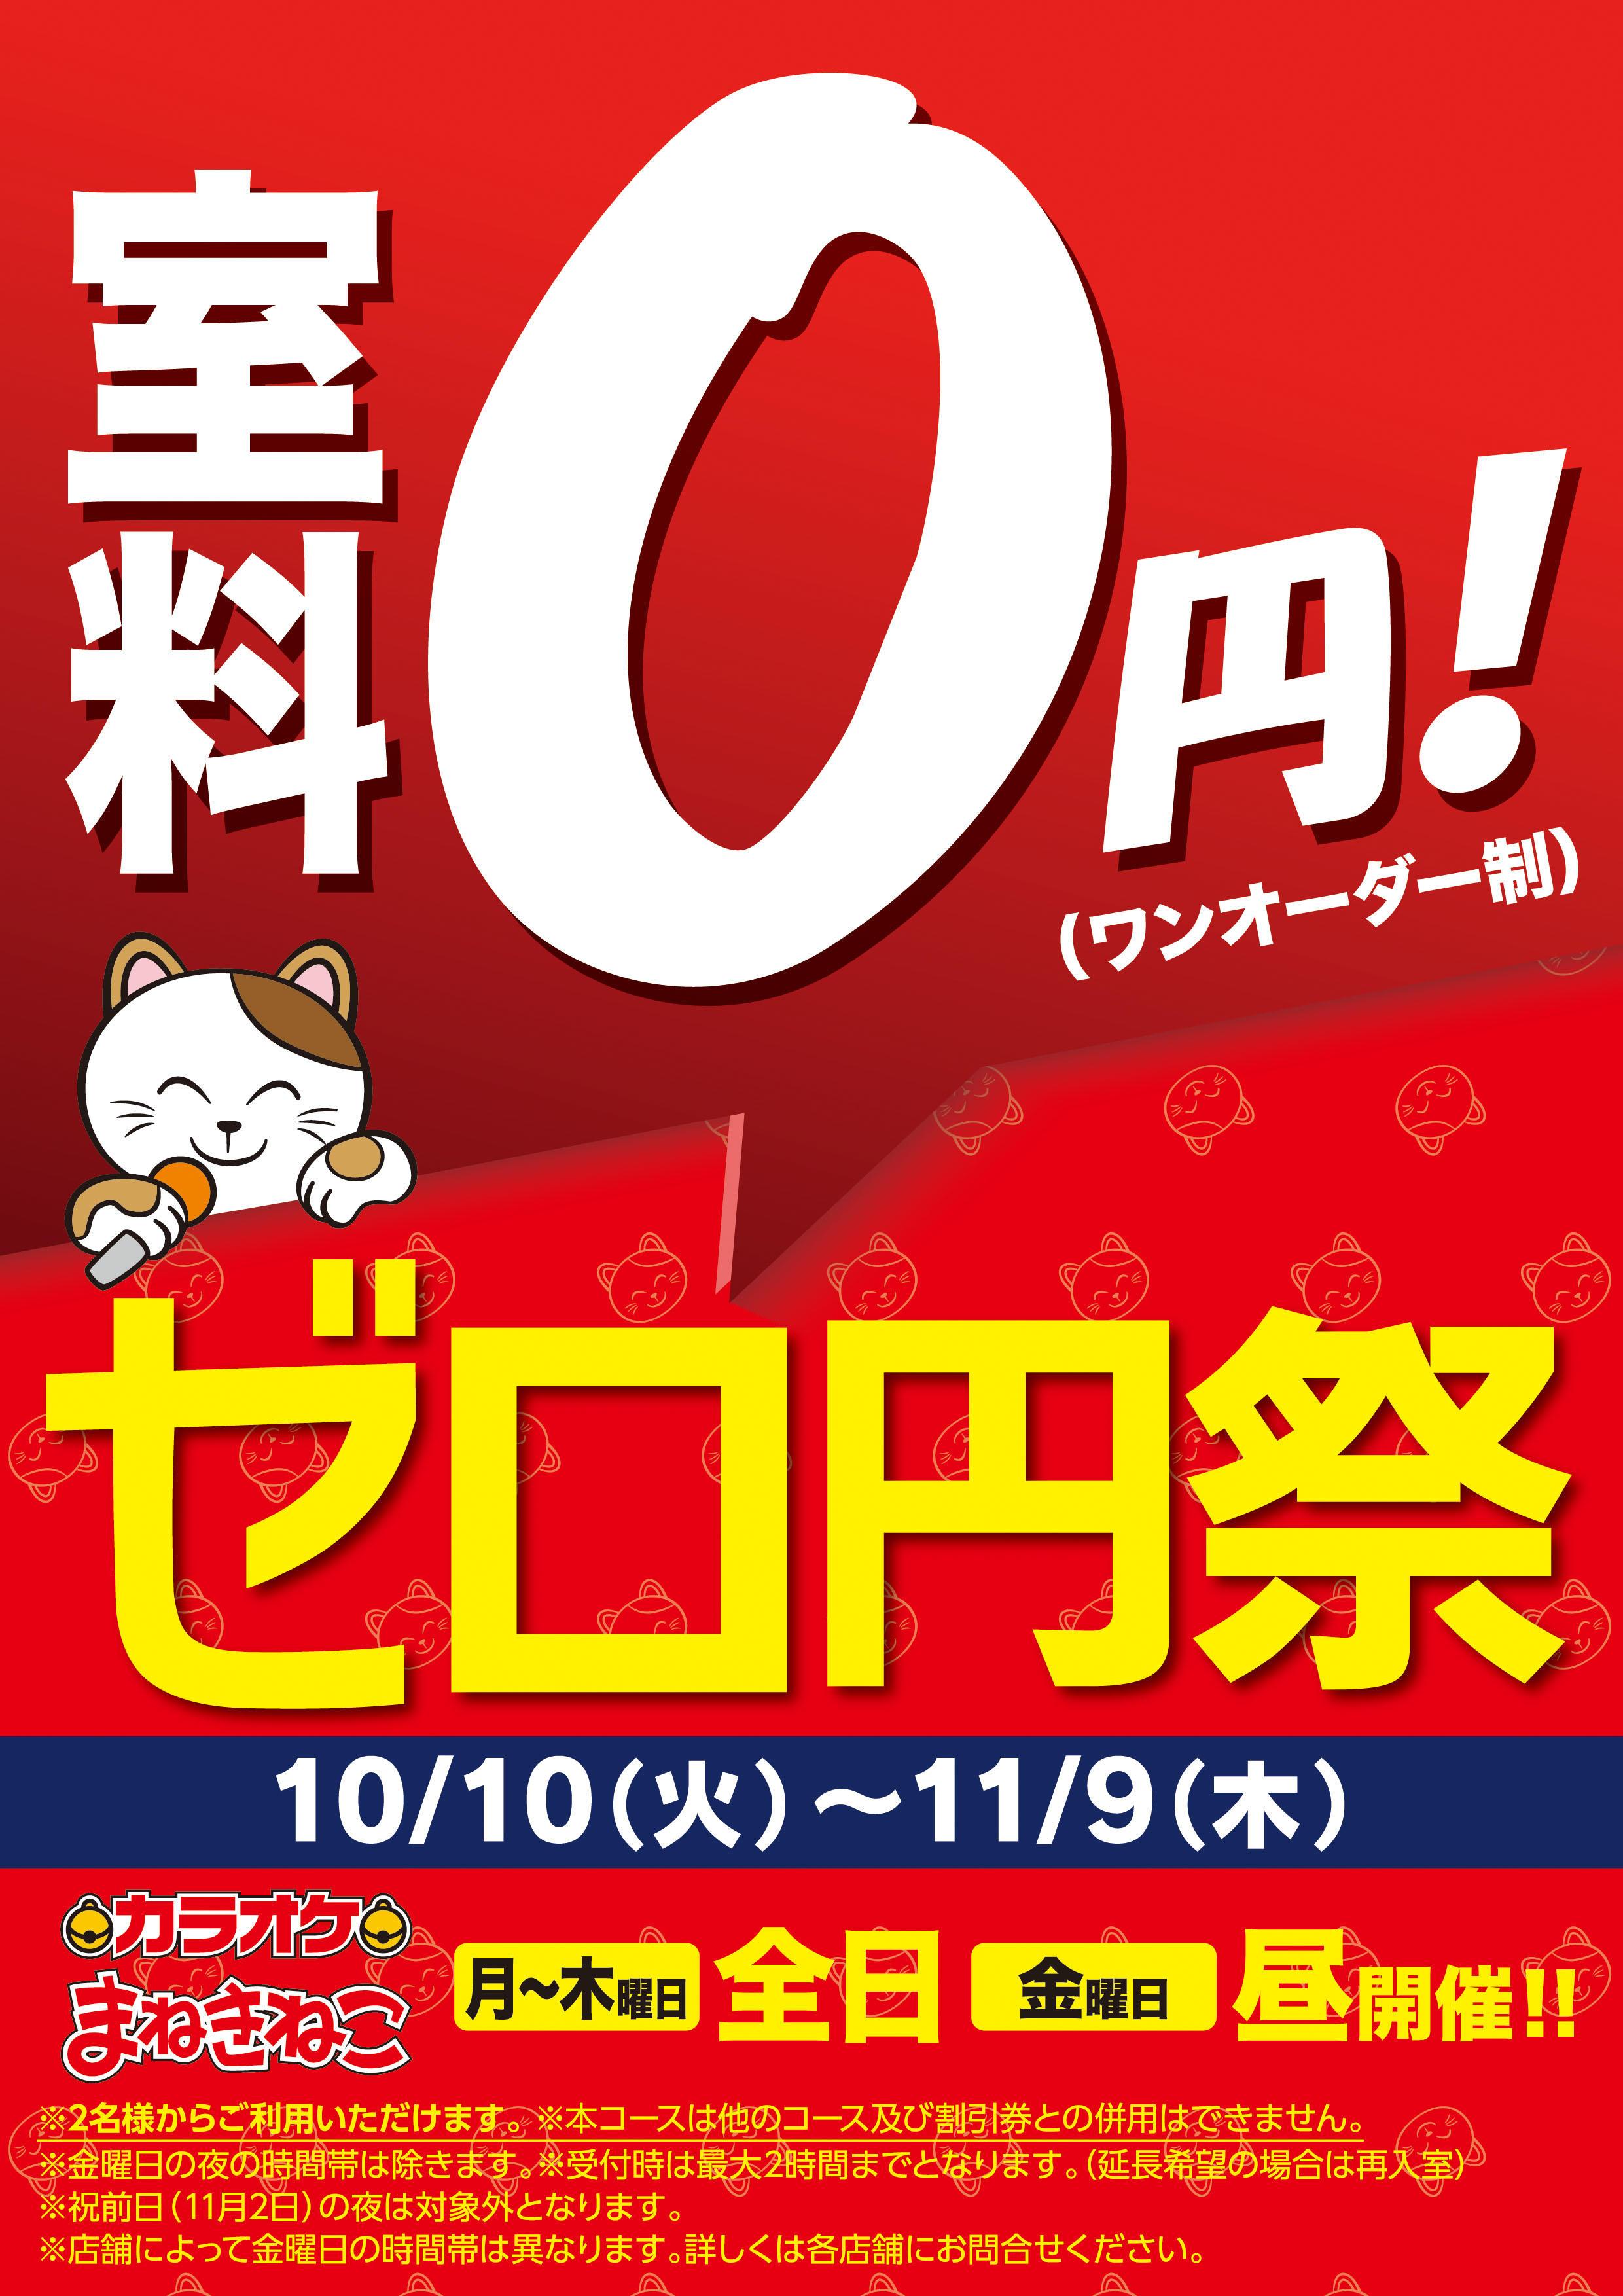 カラオケまねきねこの【予告!】ゼロ円祭 秋も開催!!10/10スタート!のキャンペーン・フェアの詳細